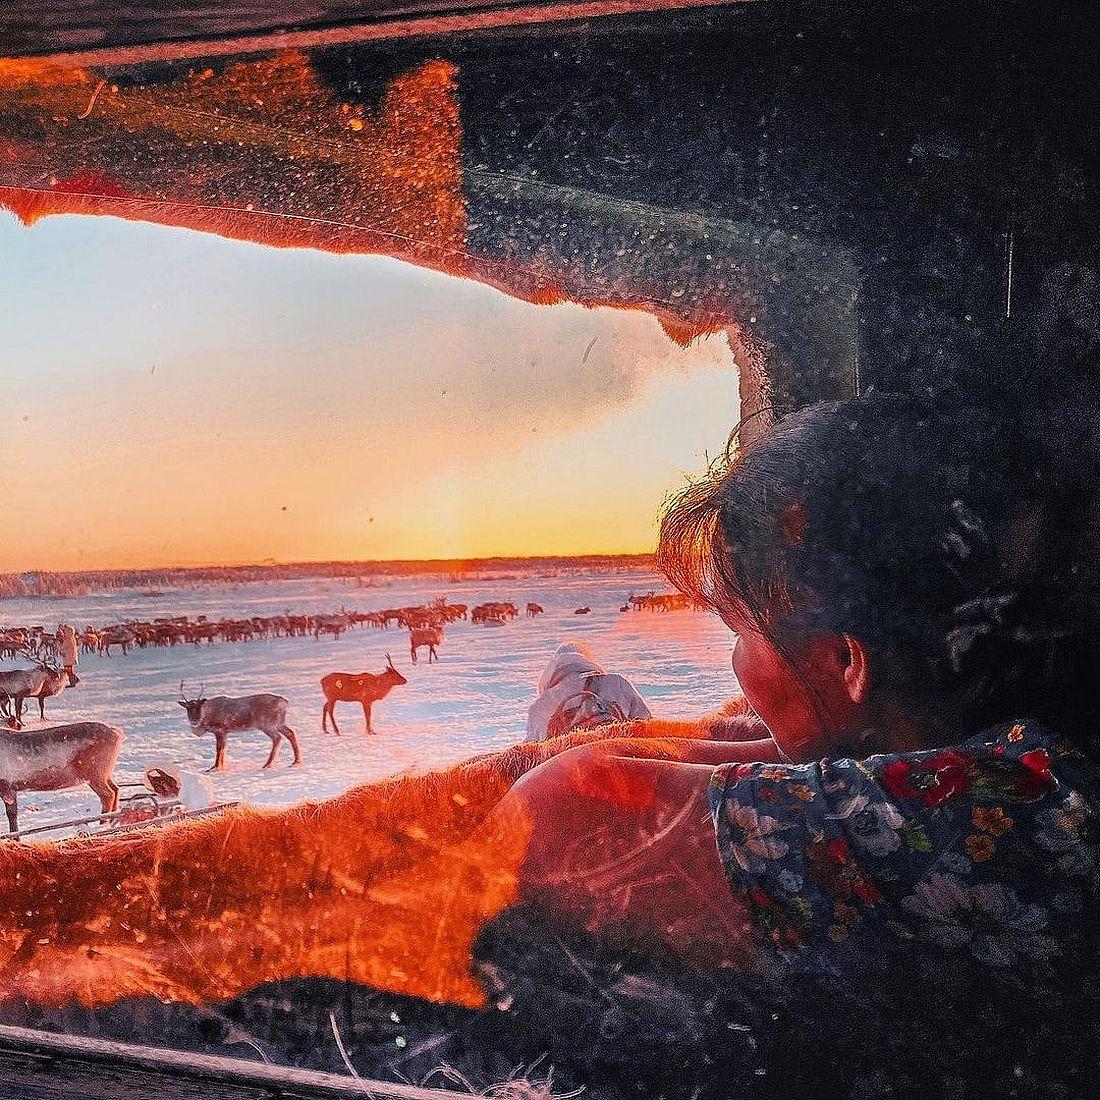 Кроме традиционных чумов зимой оленеводы живут и в перевозных балках-вагончиках